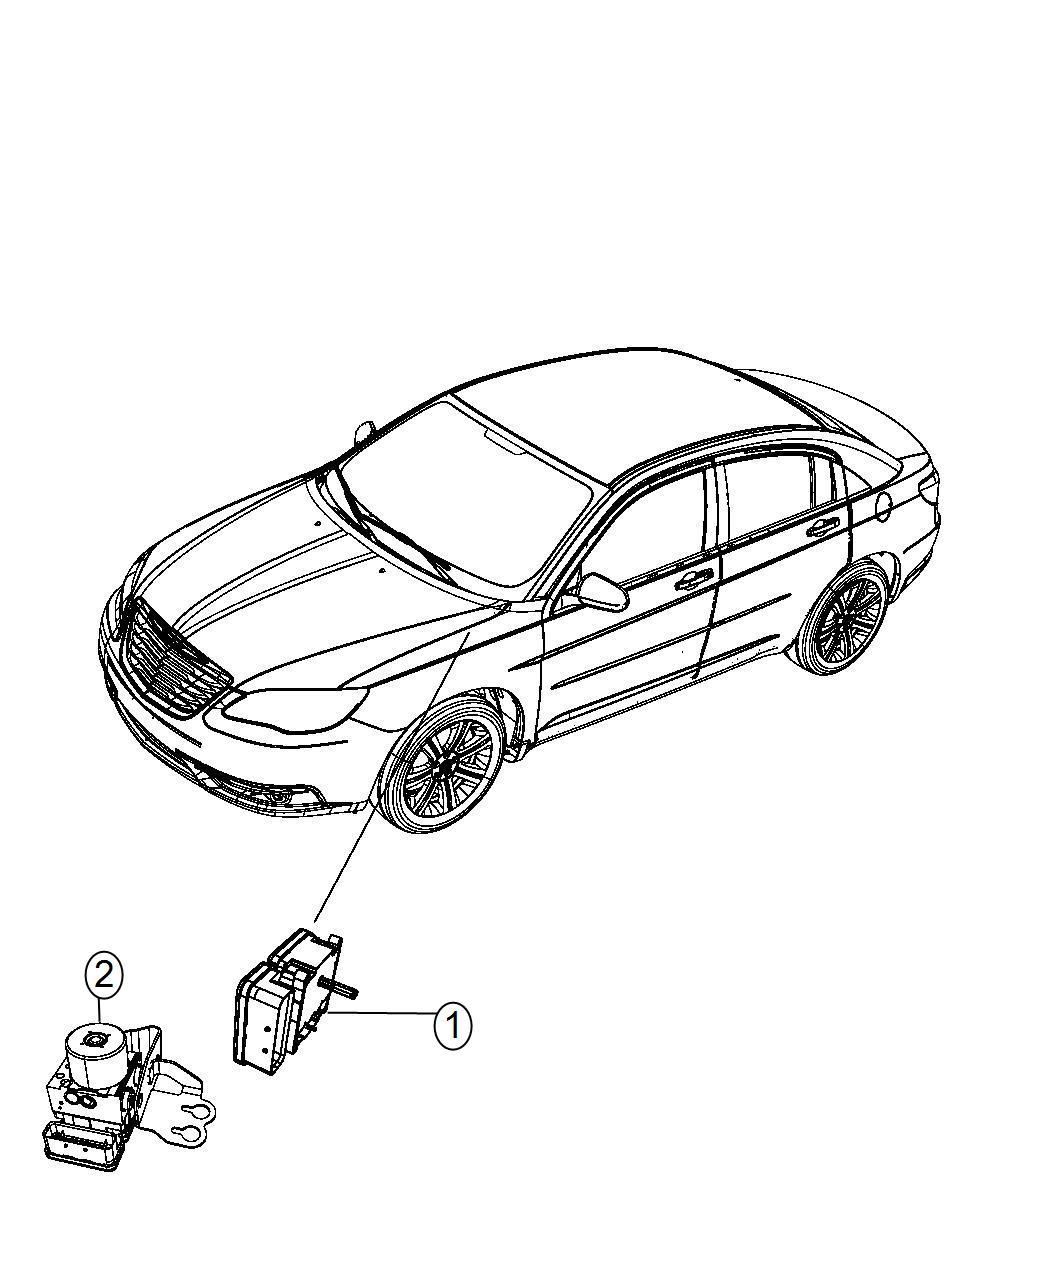 Chrysler 200 Module Anti Lock Brake System Wheel Disc Brakes